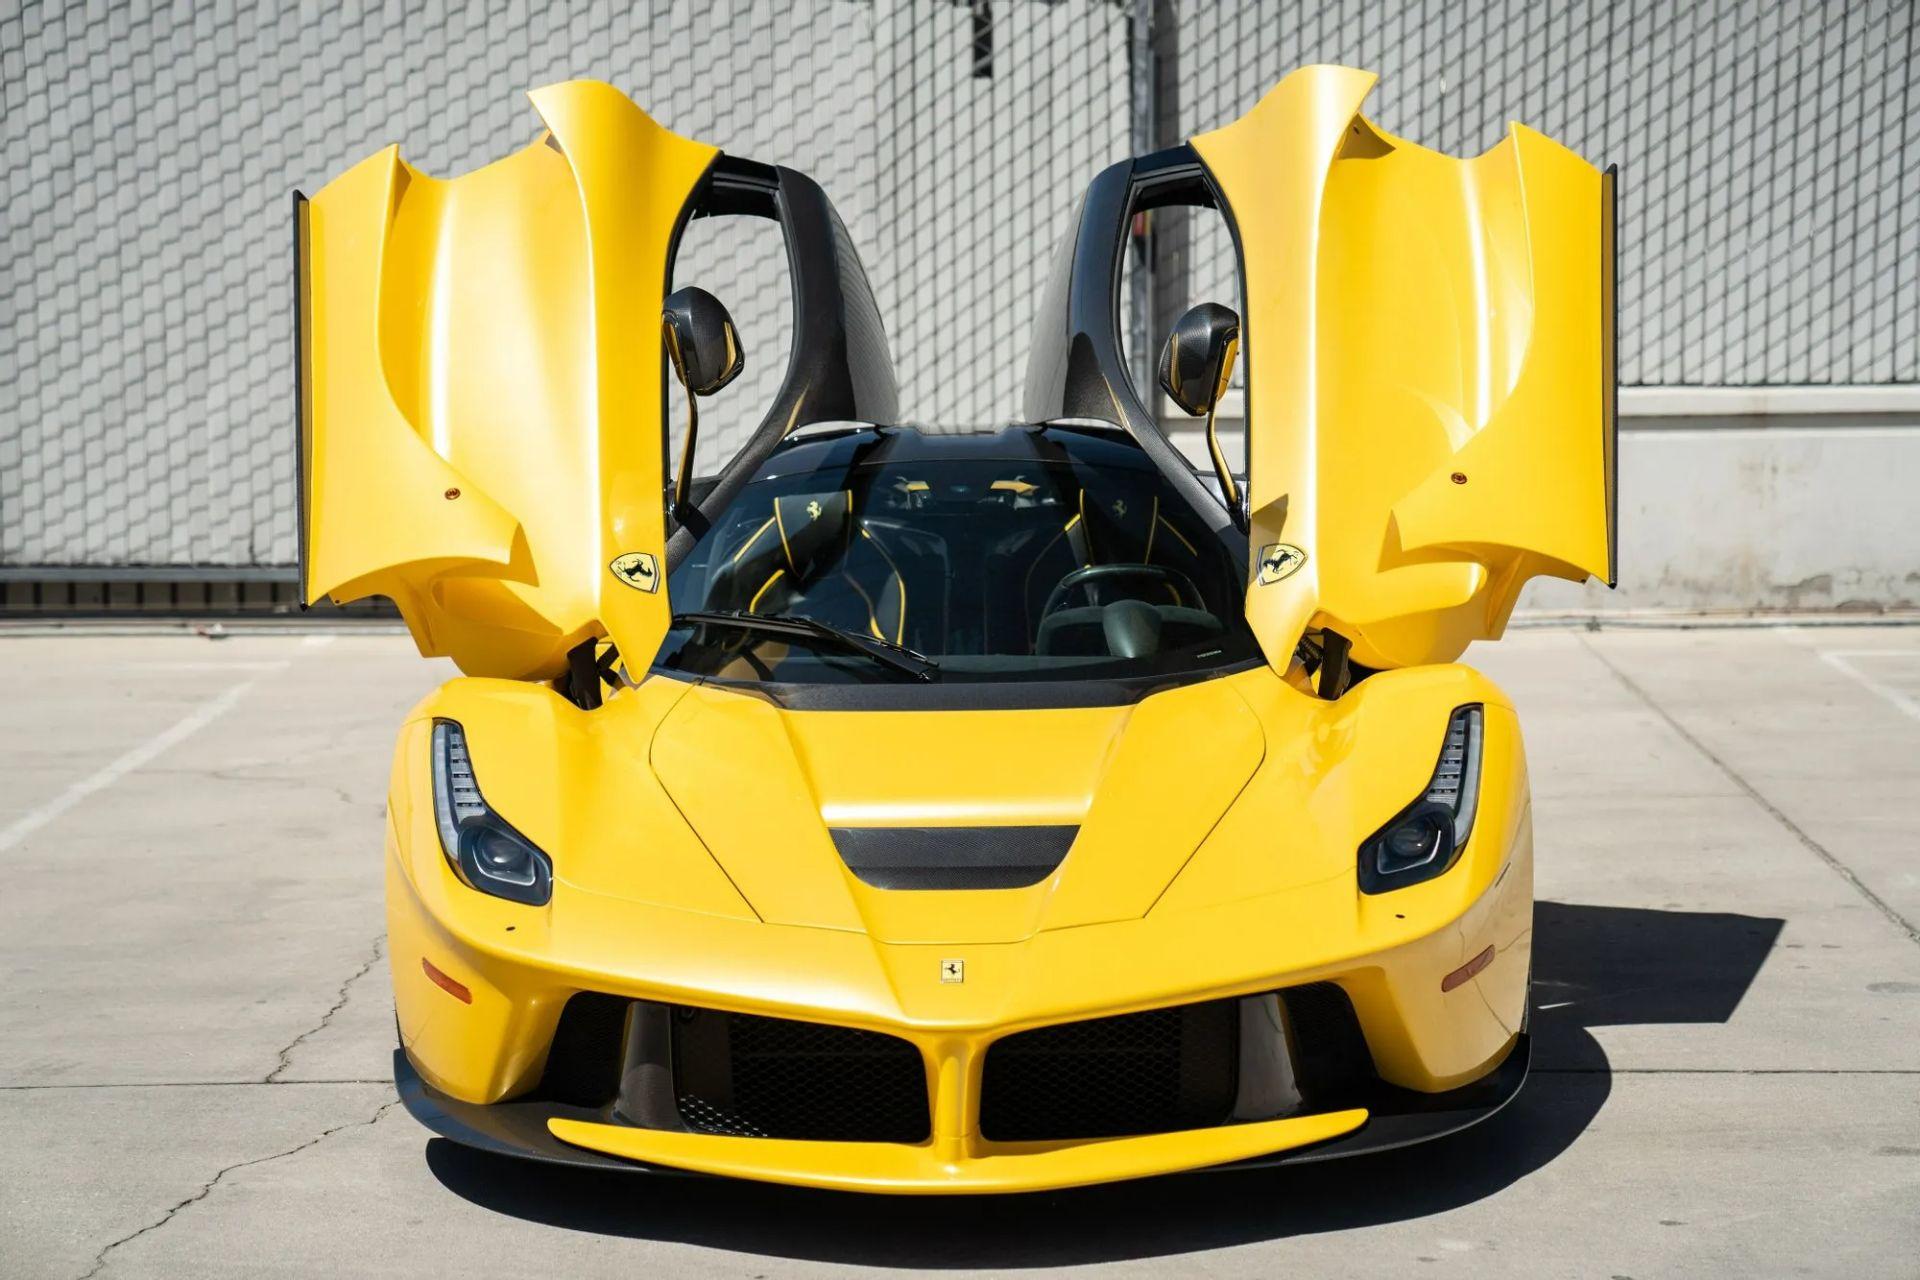 2015-La-Ferrari-Giallo-Triplo-Strato-9